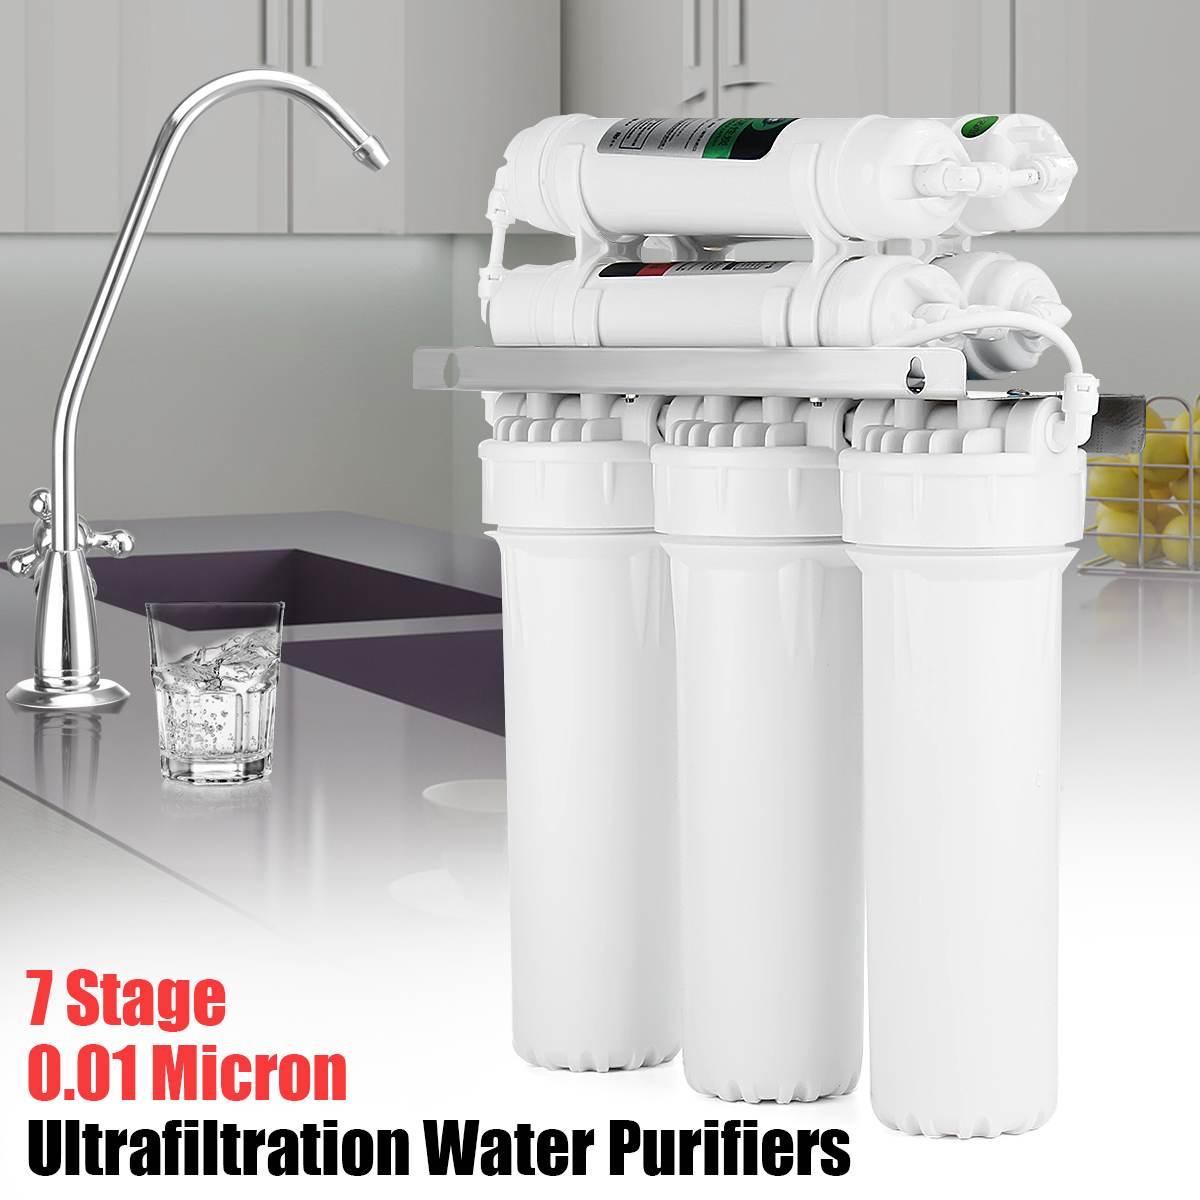 7 Potável palco Sistema De Ultrafiltração Filtros Com Sistema de Filtro de Água UF Casa Purificador de Água Da Cozinha Torneira Tubulação de Água Da Válvula